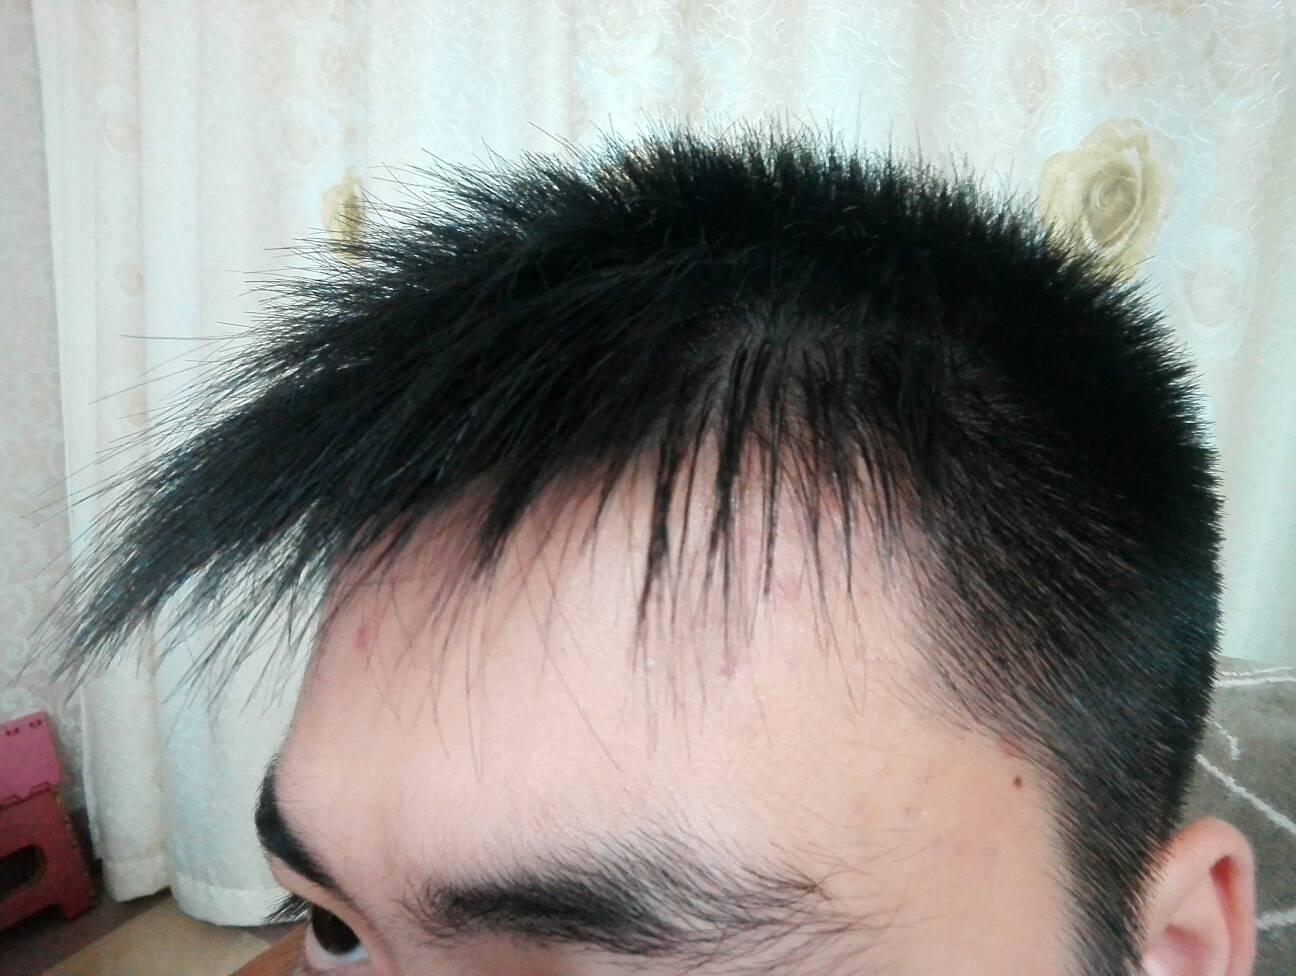 每次一洗完头,就和爆炸头一样,请问这样的头发做软化好还是烫直好?图片